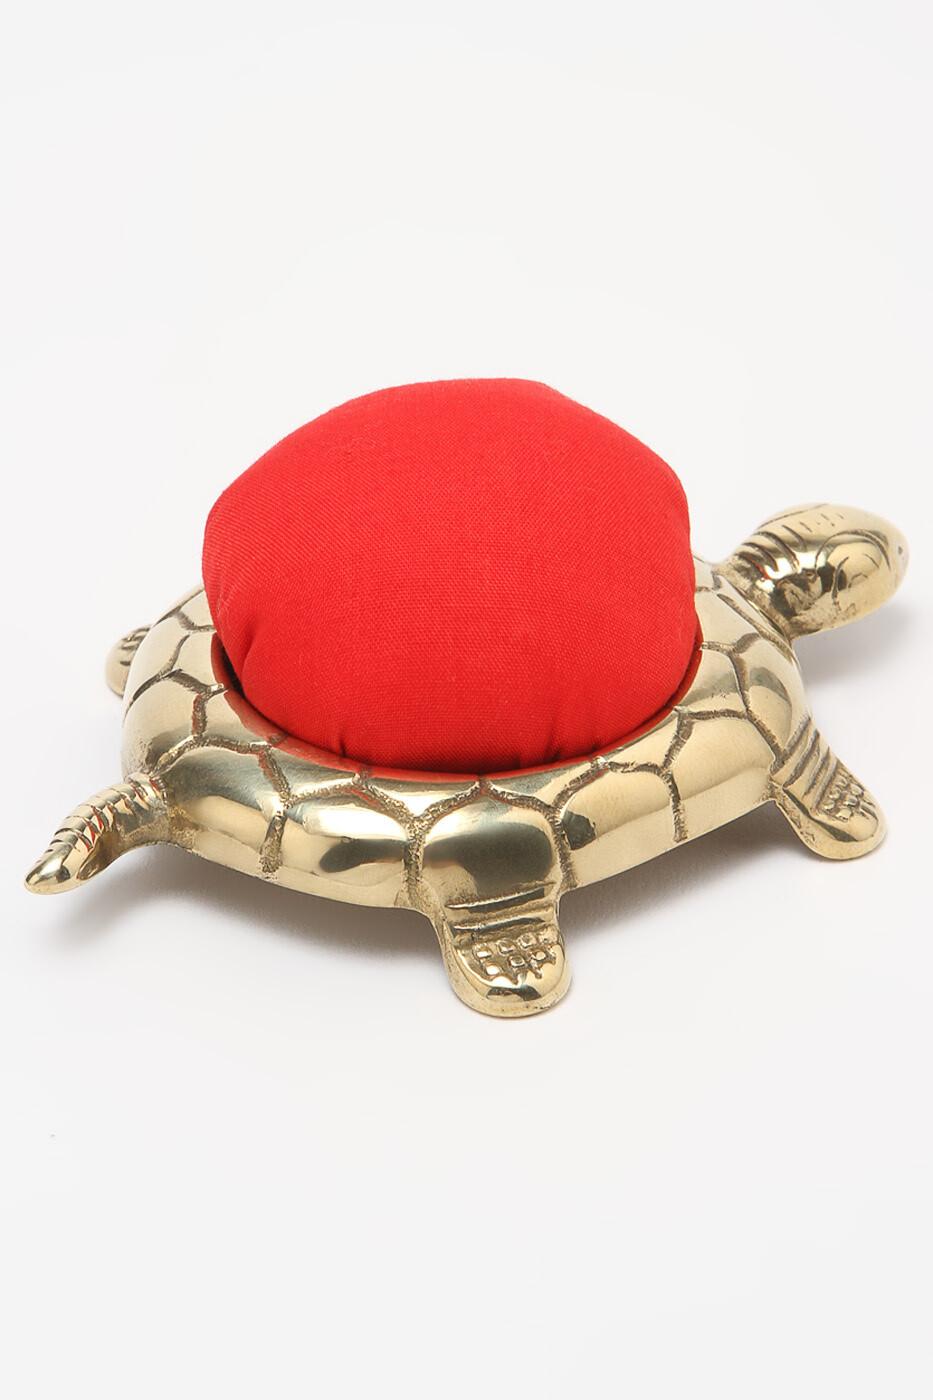 Игольница черепаха, 00823